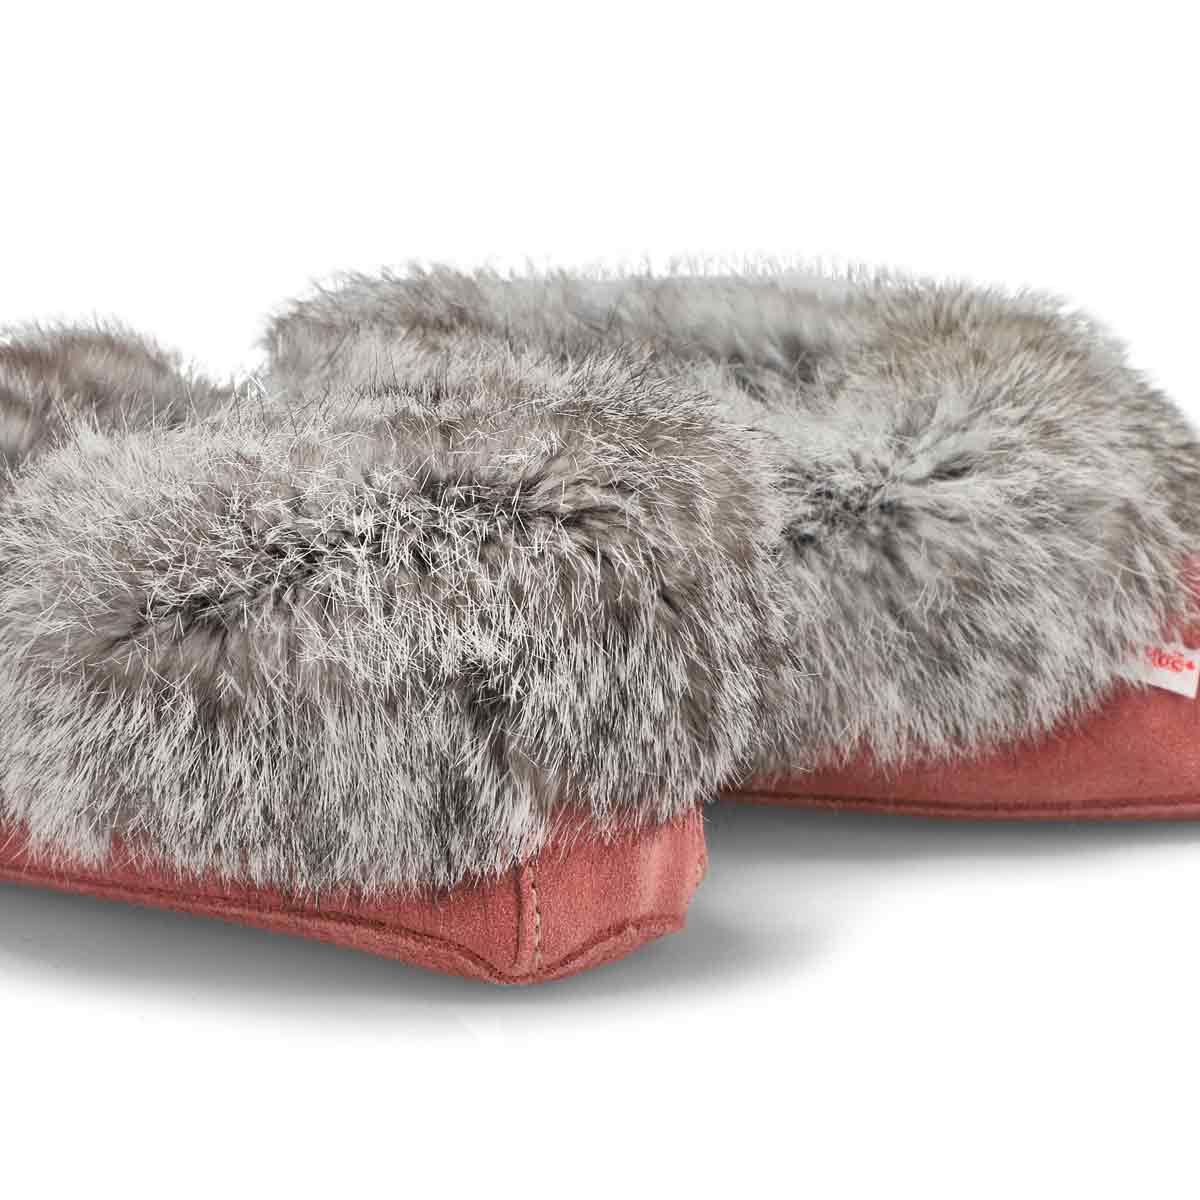 Women's SF600 Rabbit Fur Moccasin - Dusty Rose